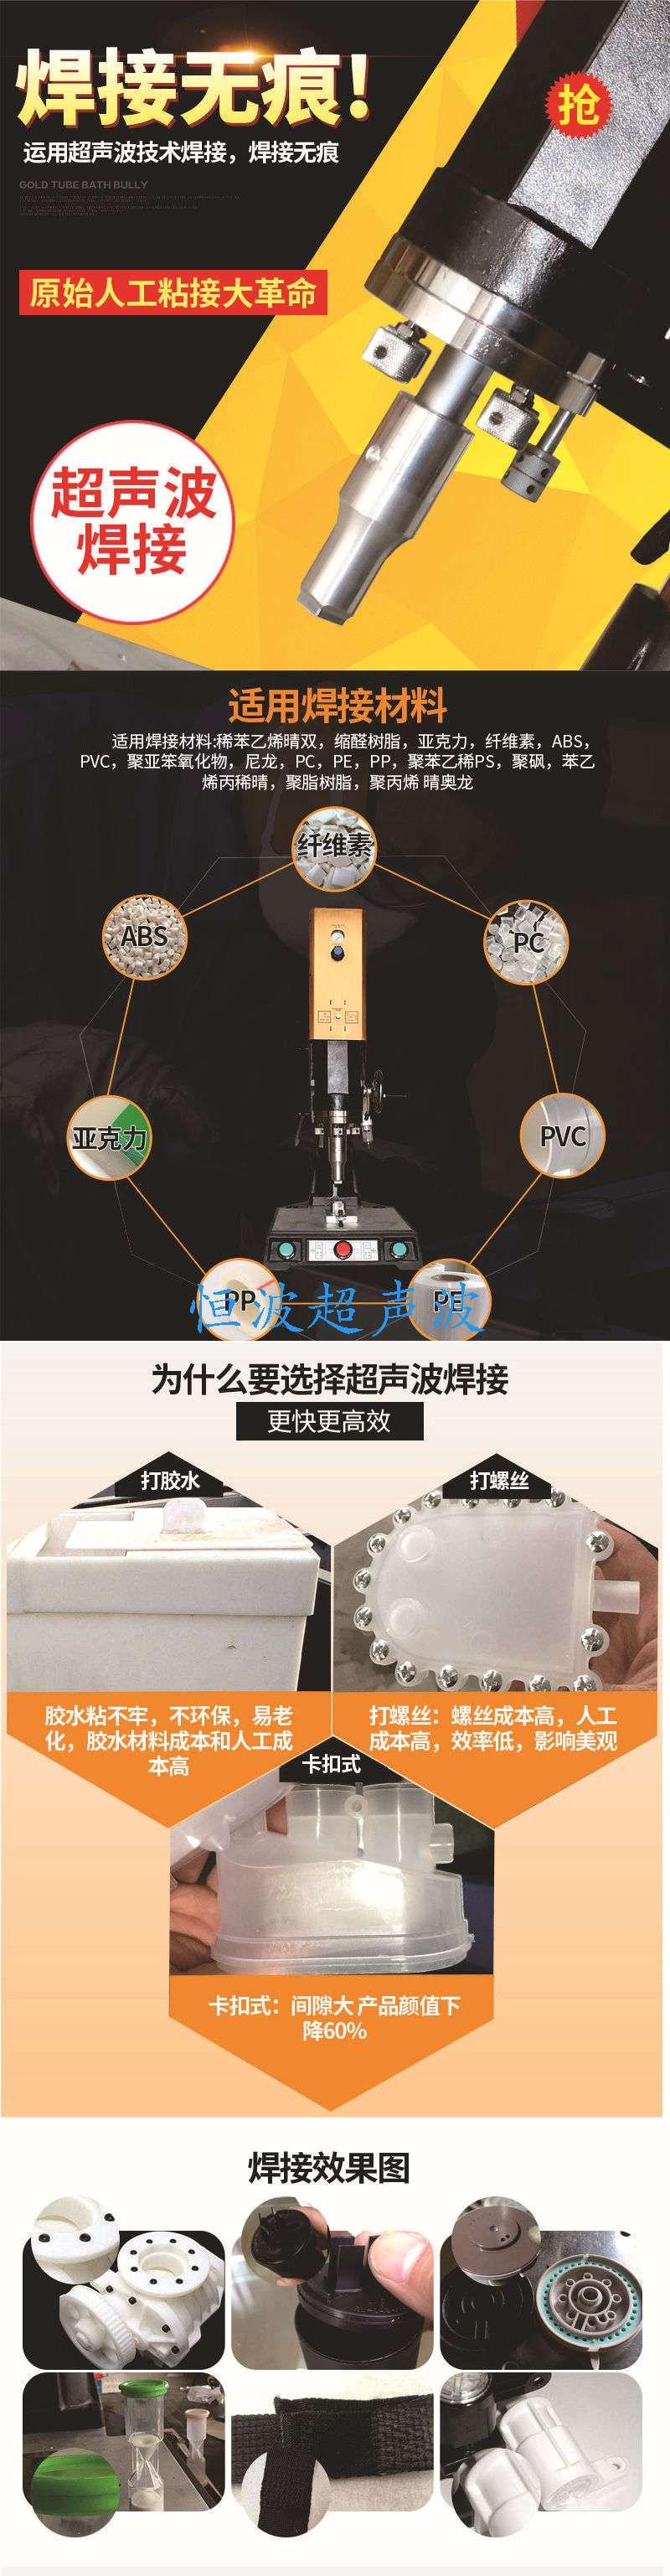 哪些塑料能夠進行超聲波焊接